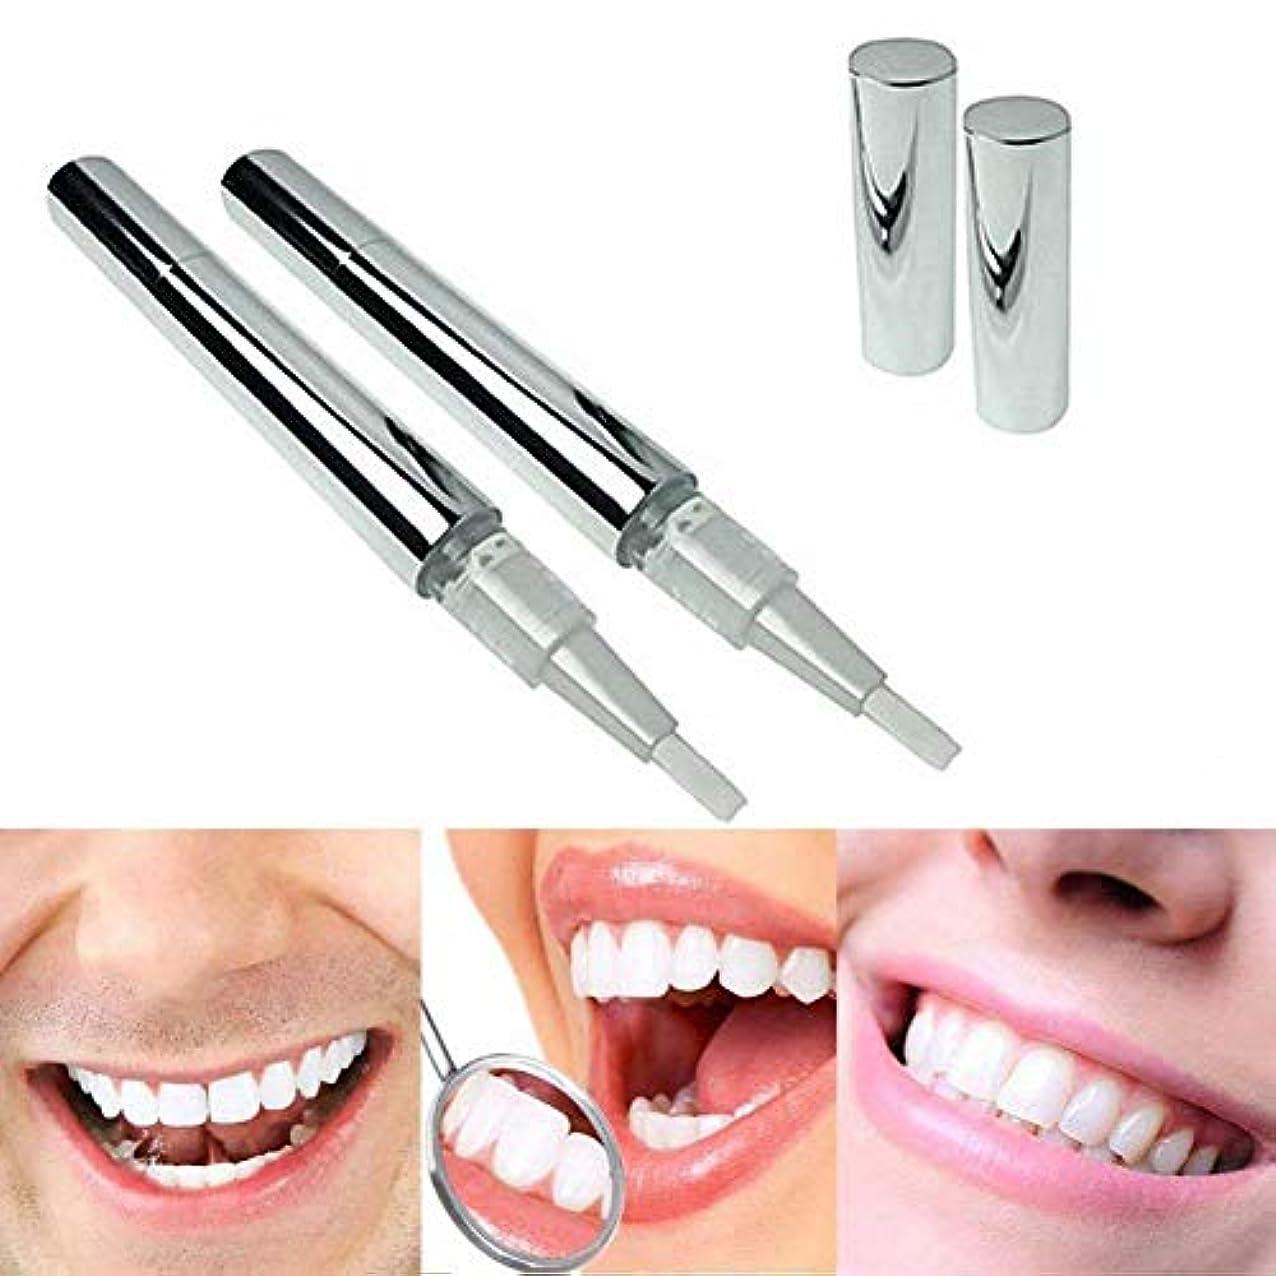 Odette 美白歯ゲル 歯 ホワイトニングペン ホワイトニングペン 歯ブラシ 輝く笑顔 口臭防止 歯周病防止 2本 (01)